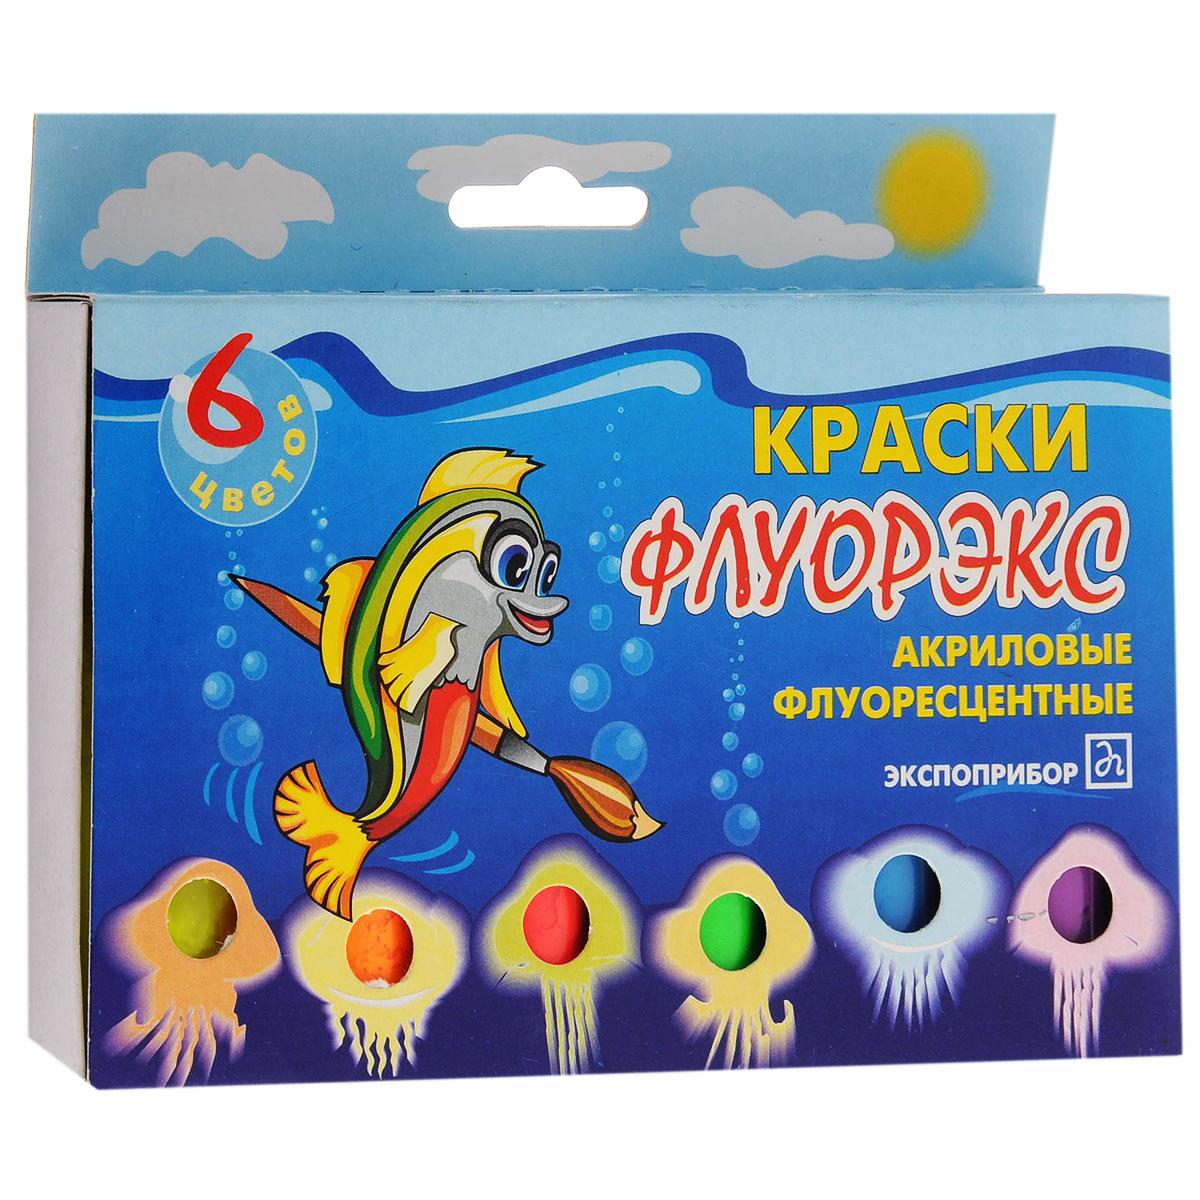 Краски акриловые Флуорэкс, 6 цветов21-6.25-10Акриловые краски Флуорэкс, изготовленные на основе акрилового связующего и импортных пигментов, предназначены для детского творчества. Набор состоит из 6 флуоресцентных цветов (желтый, оранжевый, красный, зеленый, синий, фиолетовый). Каждый цвет упакован во флакон с крышкой и дозатором. Краски предназначены для декоративных работ по бумаге, картону, дереву, холсту, керамике, гипсу, бетону. Для получения новых оттенков, краски можно смешивать. С помощью акриловых красок Флуорэкс ребенок сможет создавать яркие картины, наслаждаясь творческим процессом.